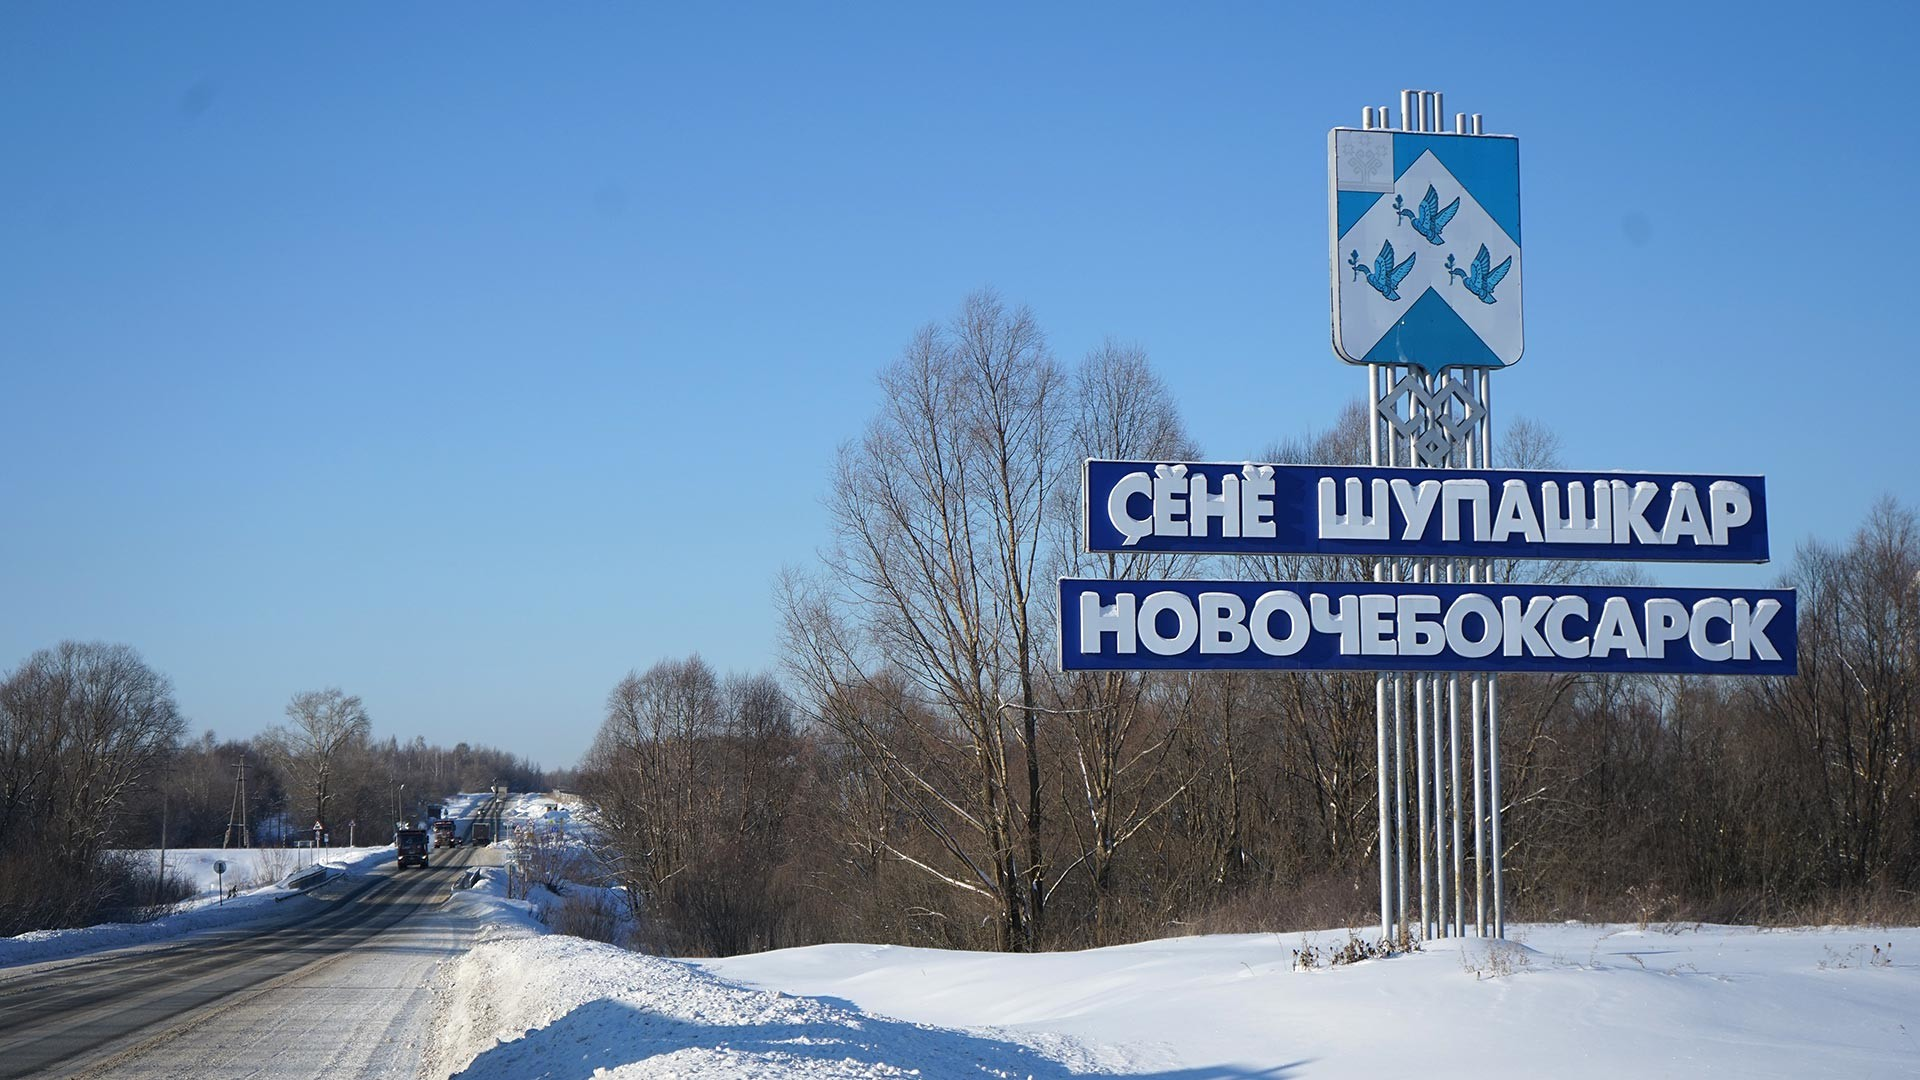 Entrée dans la ville de Novotcheboksarsk, en République de Tchouvachie